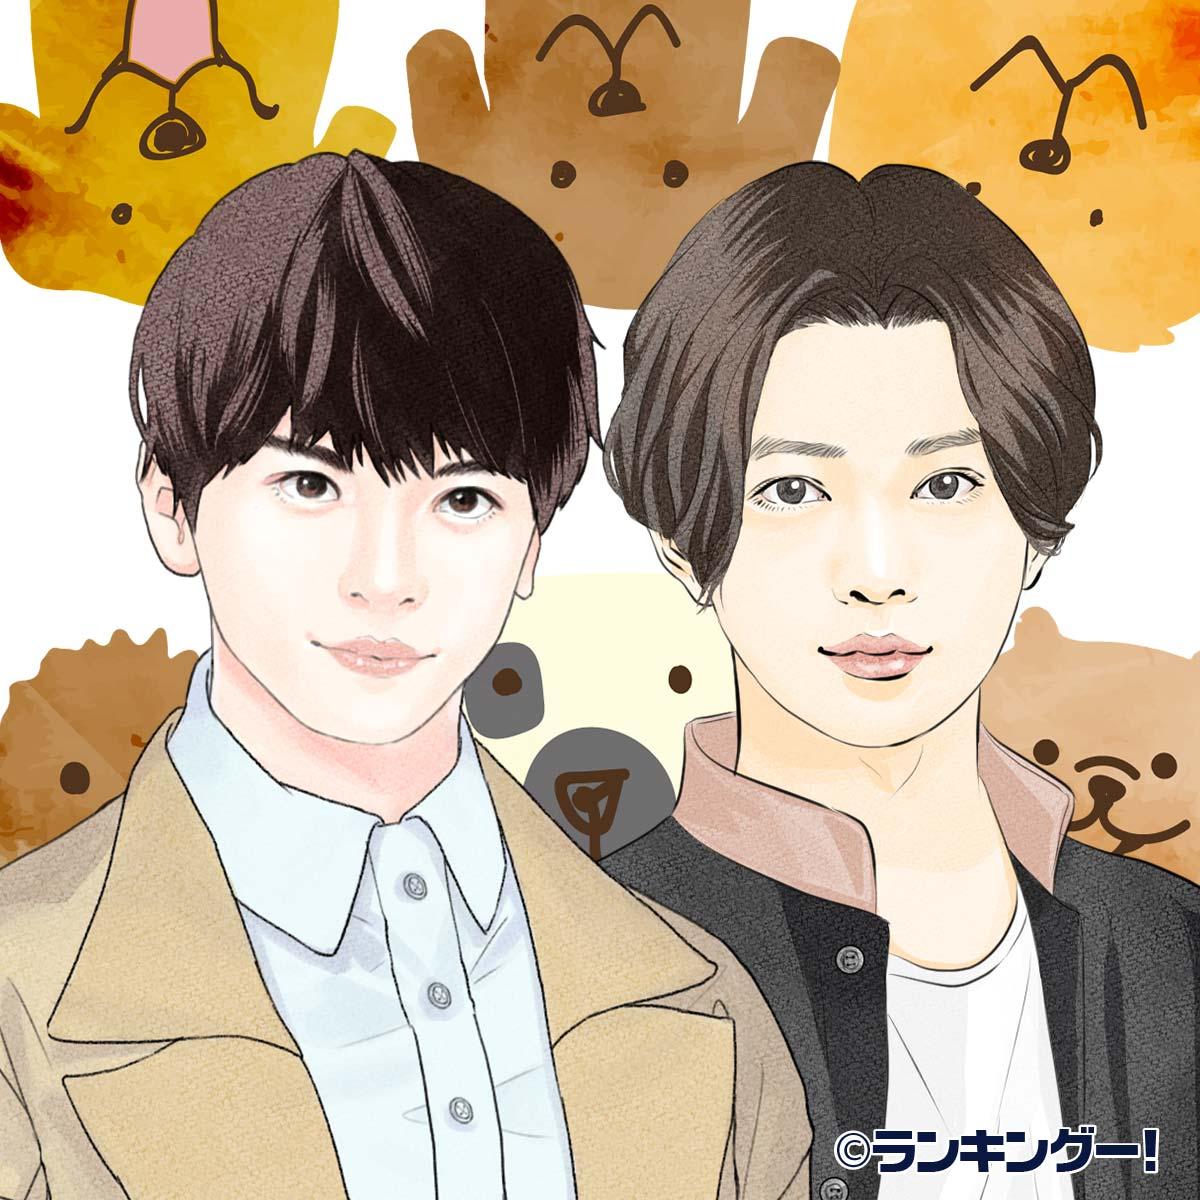 甘え顔にキュン 子犬系彼氏が似合うイケメン俳優ランキング 9 10位 ランキングー